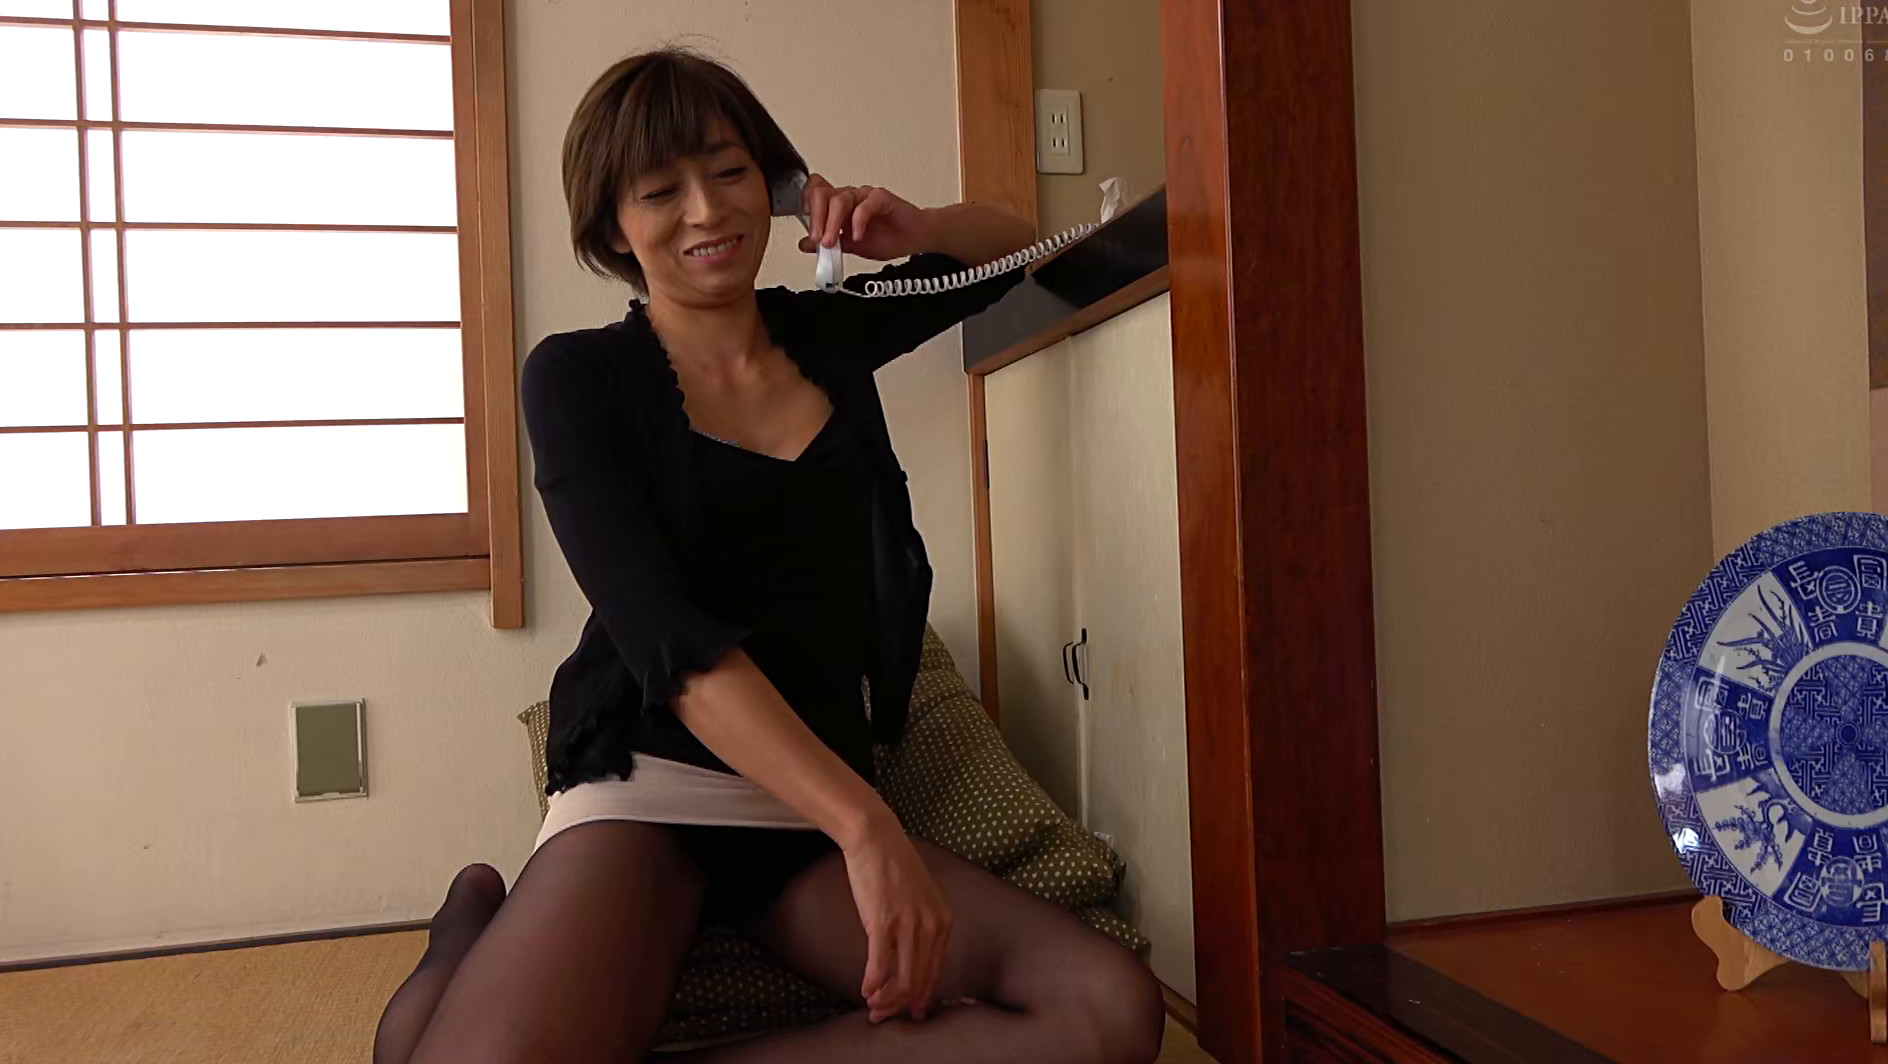 五十路義母 嫁の母は婿に肉体を求められ逞しい肉棒を受け入れる・・・ 画像2